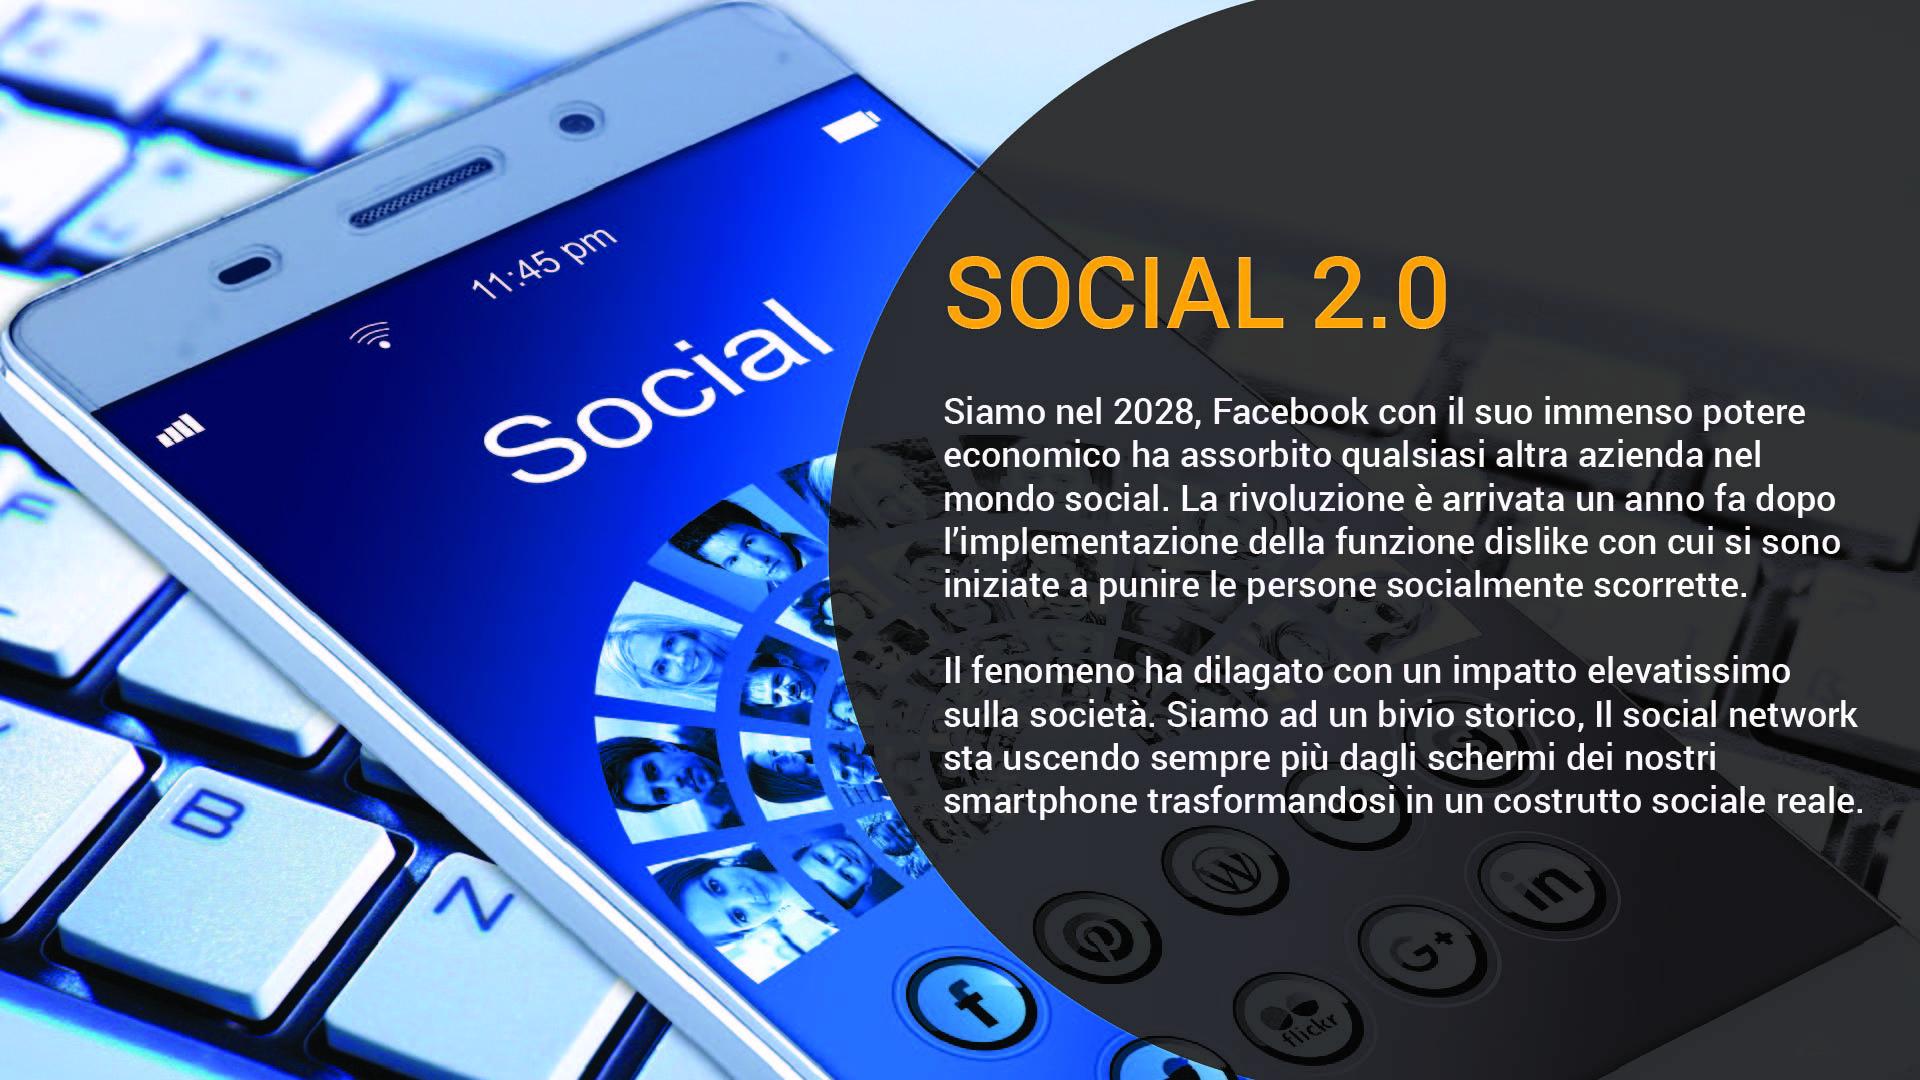 Social 2.0